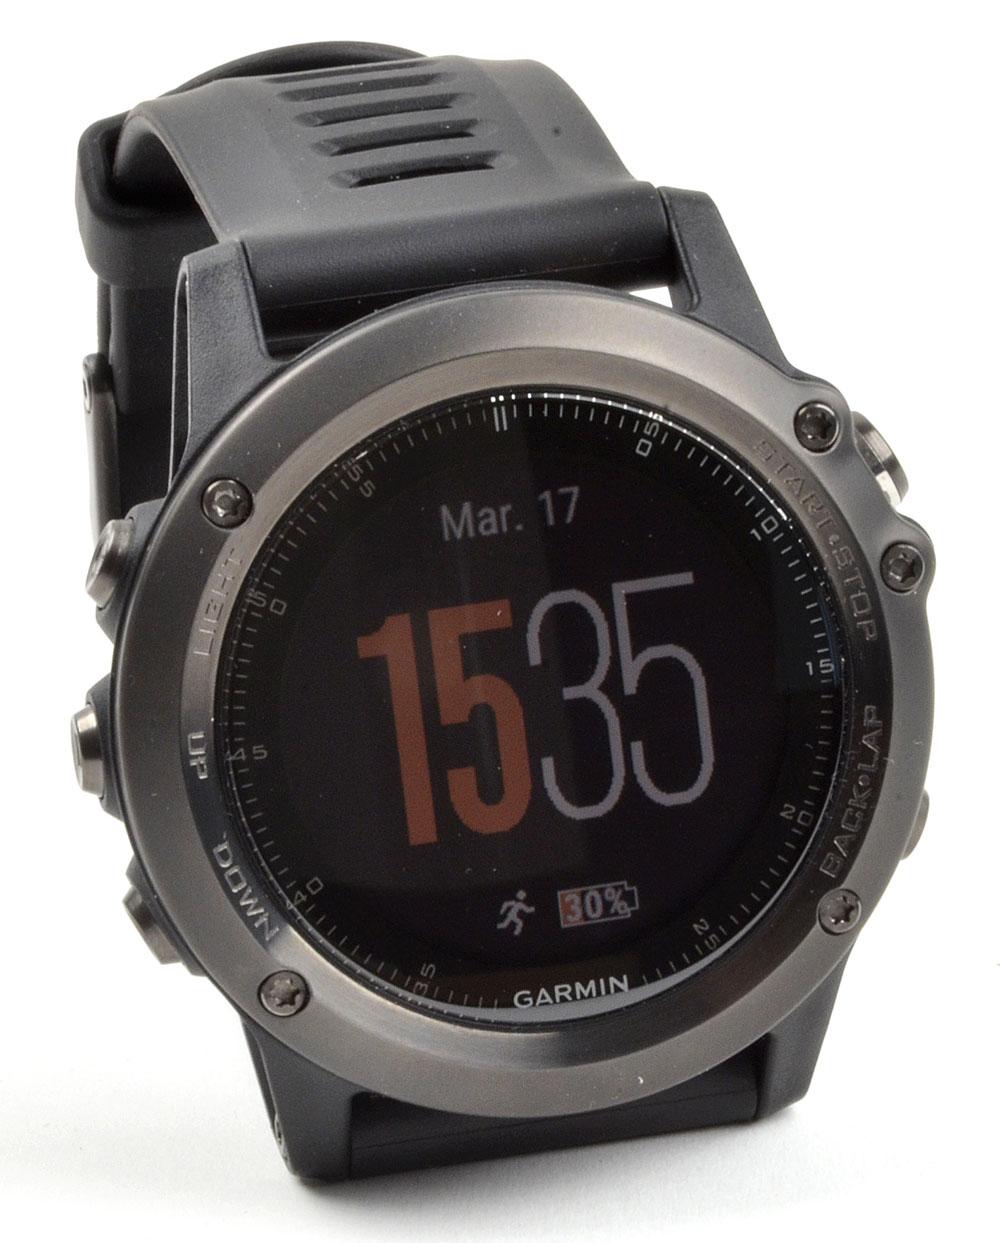 garmin fenix 3 sapphire la montre de sport ultime ere num rique. Black Bedroom Furniture Sets. Home Design Ideas